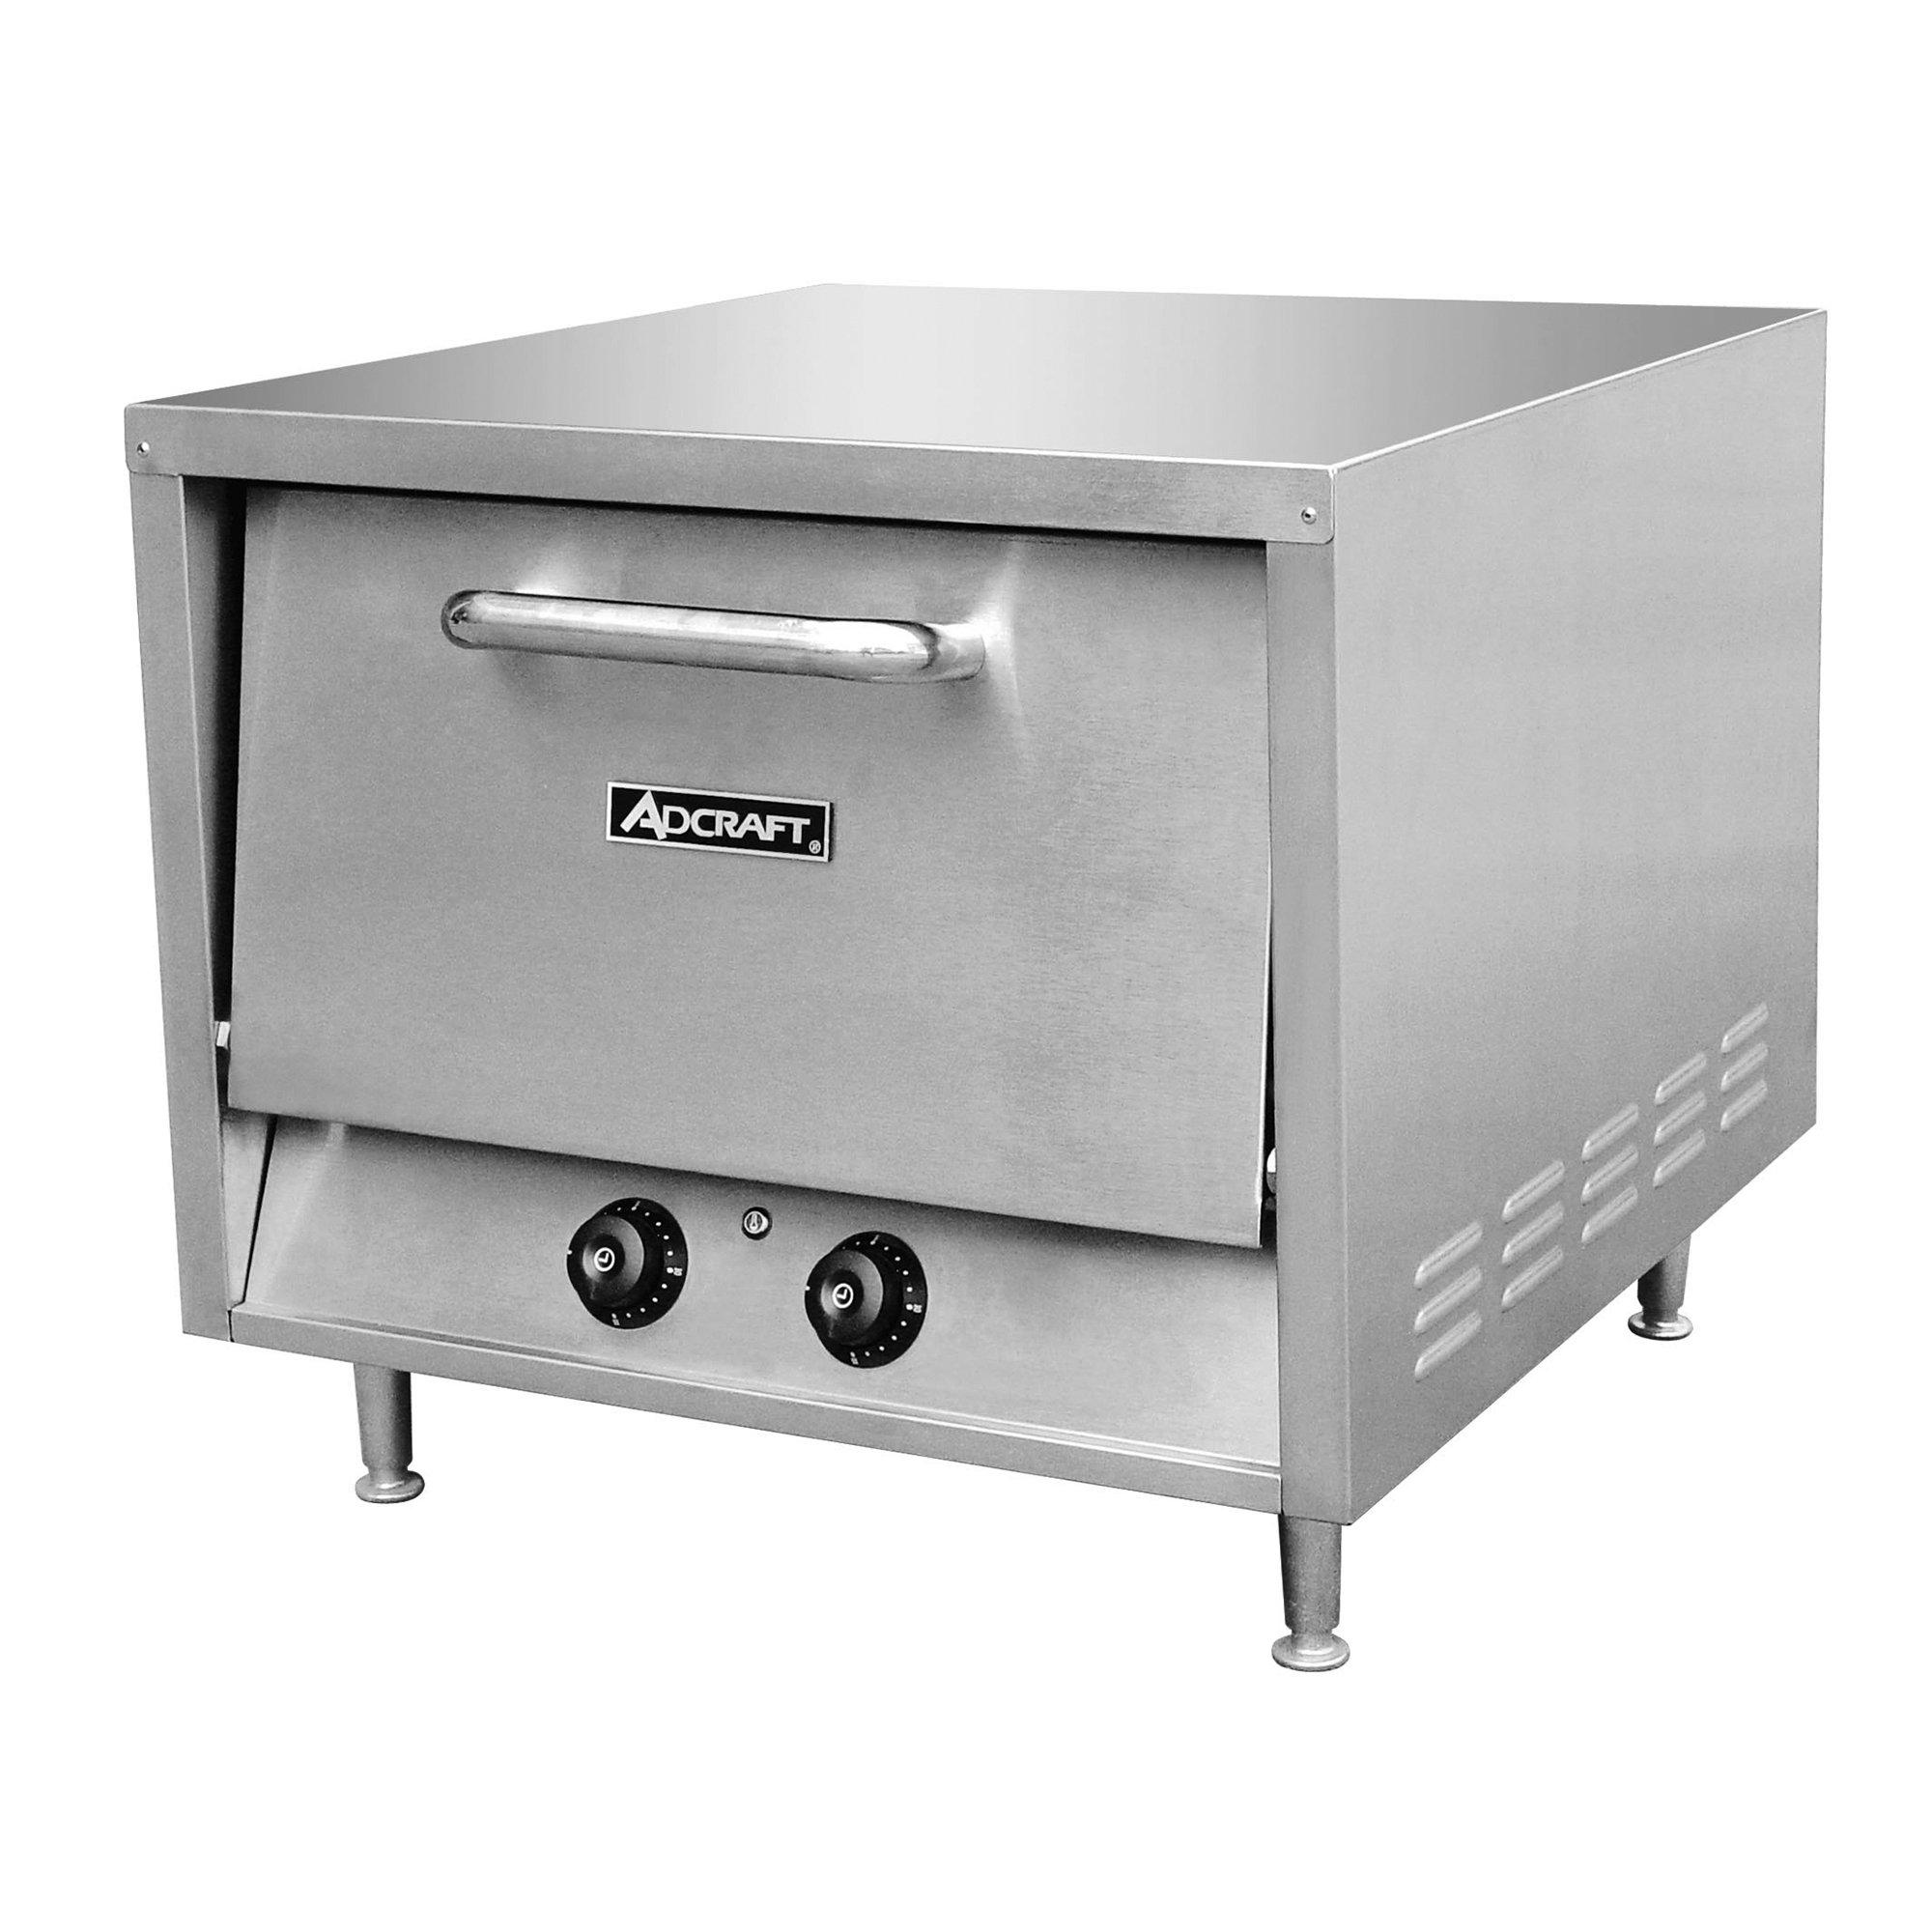 Adcraft - PO-22 - 26 inPizza Oven